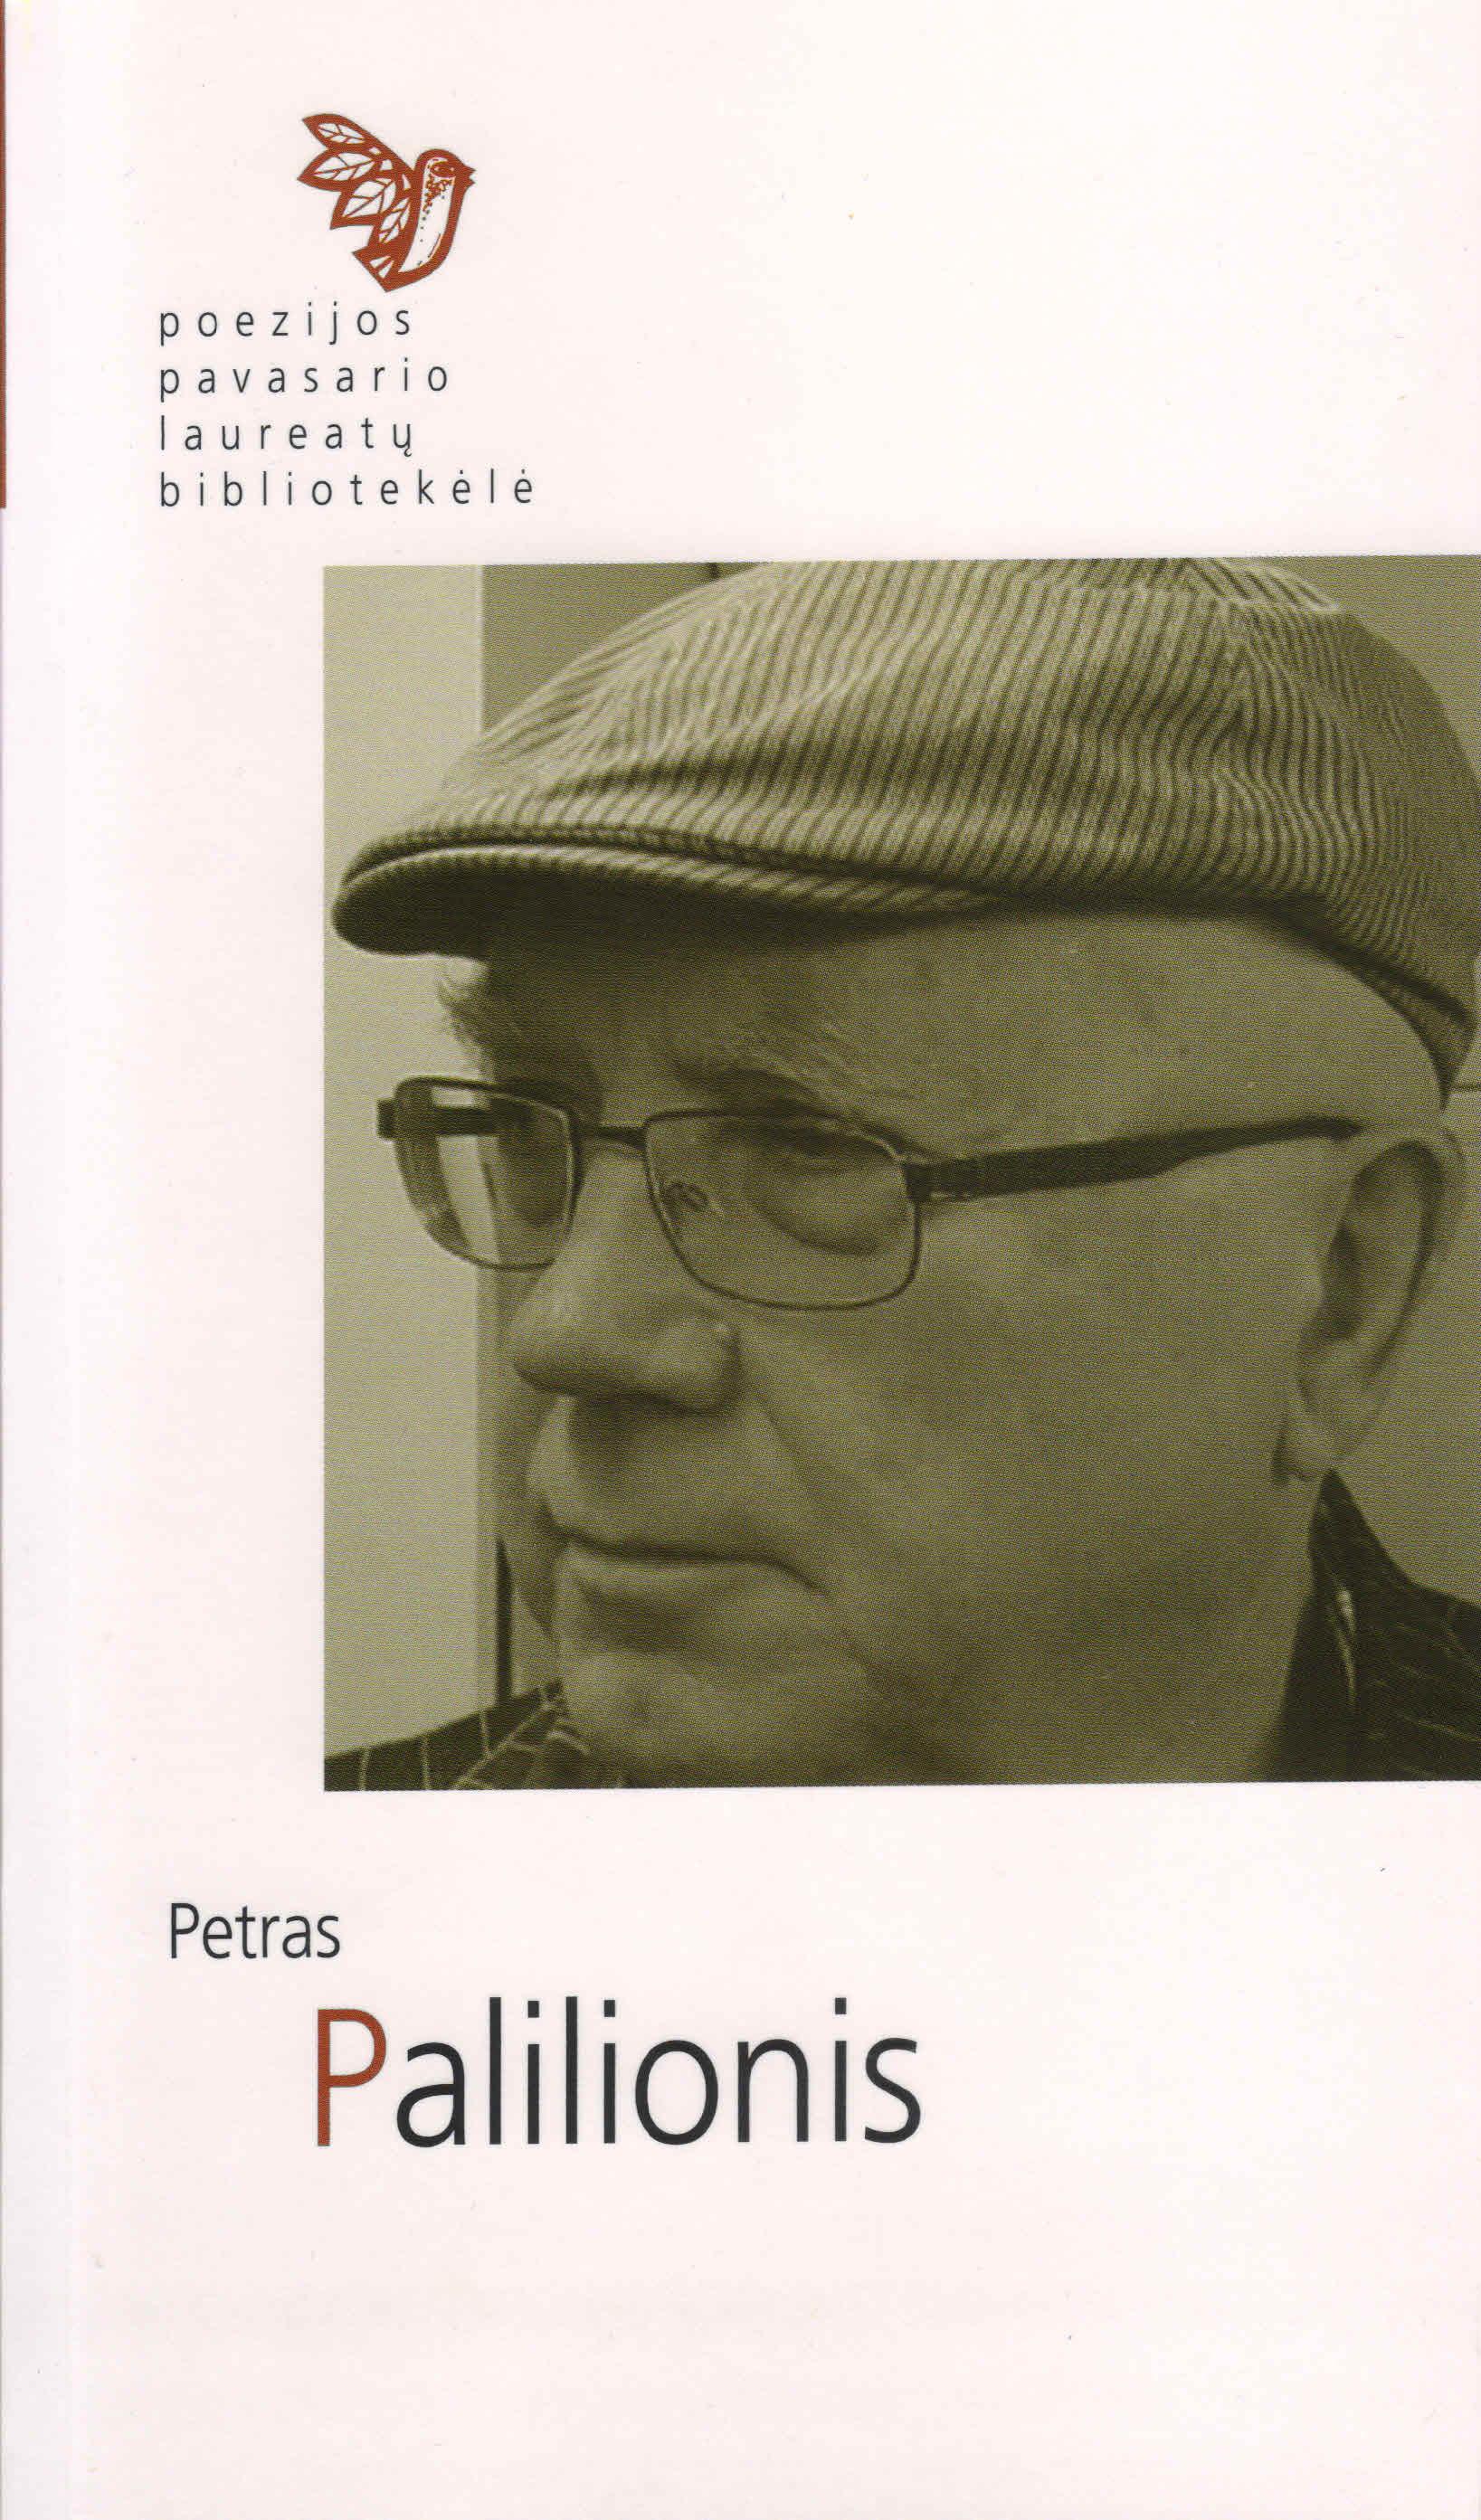 Poezijos pavasario laureatų bibliotekėlė. Petras Palilionis: trys mažosios poemos (Kaunas: Naujasis lankas: Kauno meno kūrėjų asociacija, 2016)